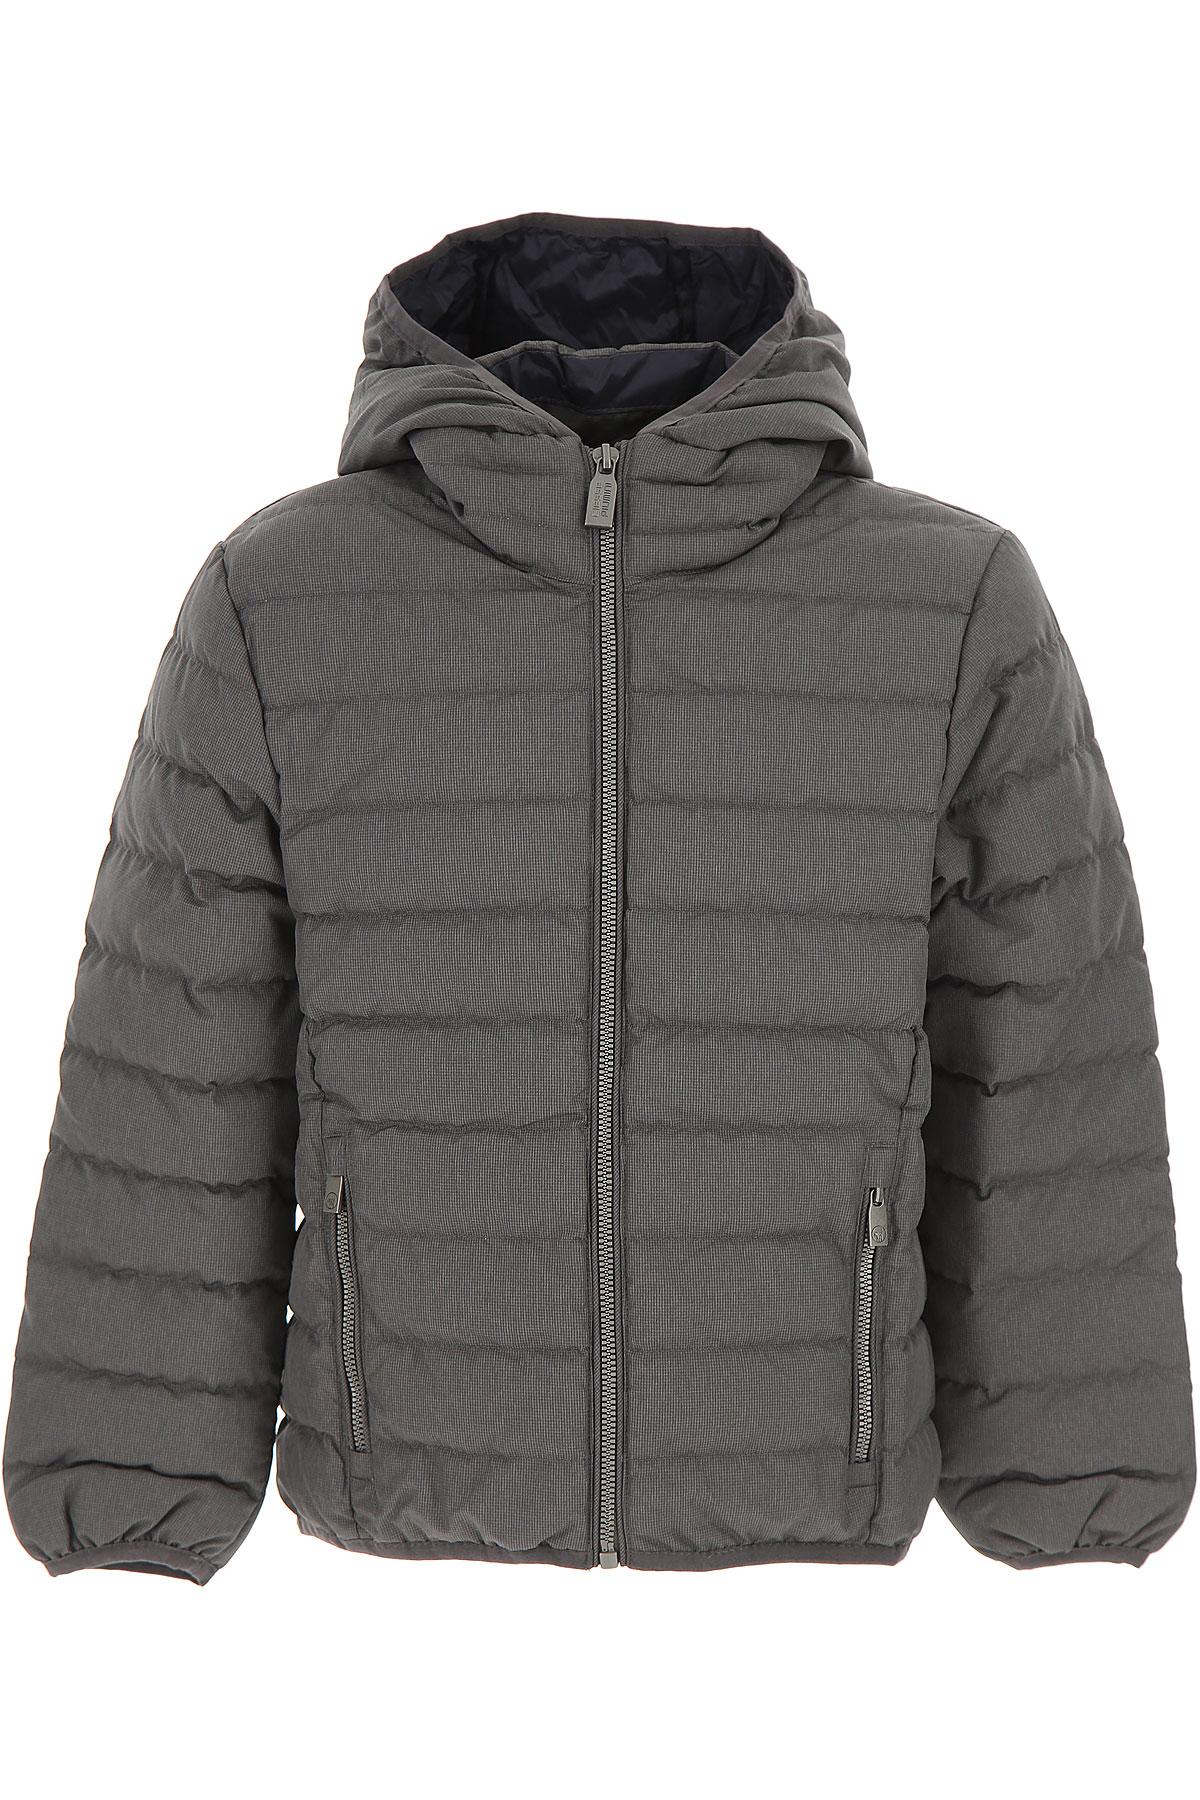 Image of Ciesse Piumini Boys Down Jacket for Kids, Puffer Ski Jacket, Charcoal Grey, polyester, 2017, 10Y 14Y 16Y 4Y 6Y 8Y